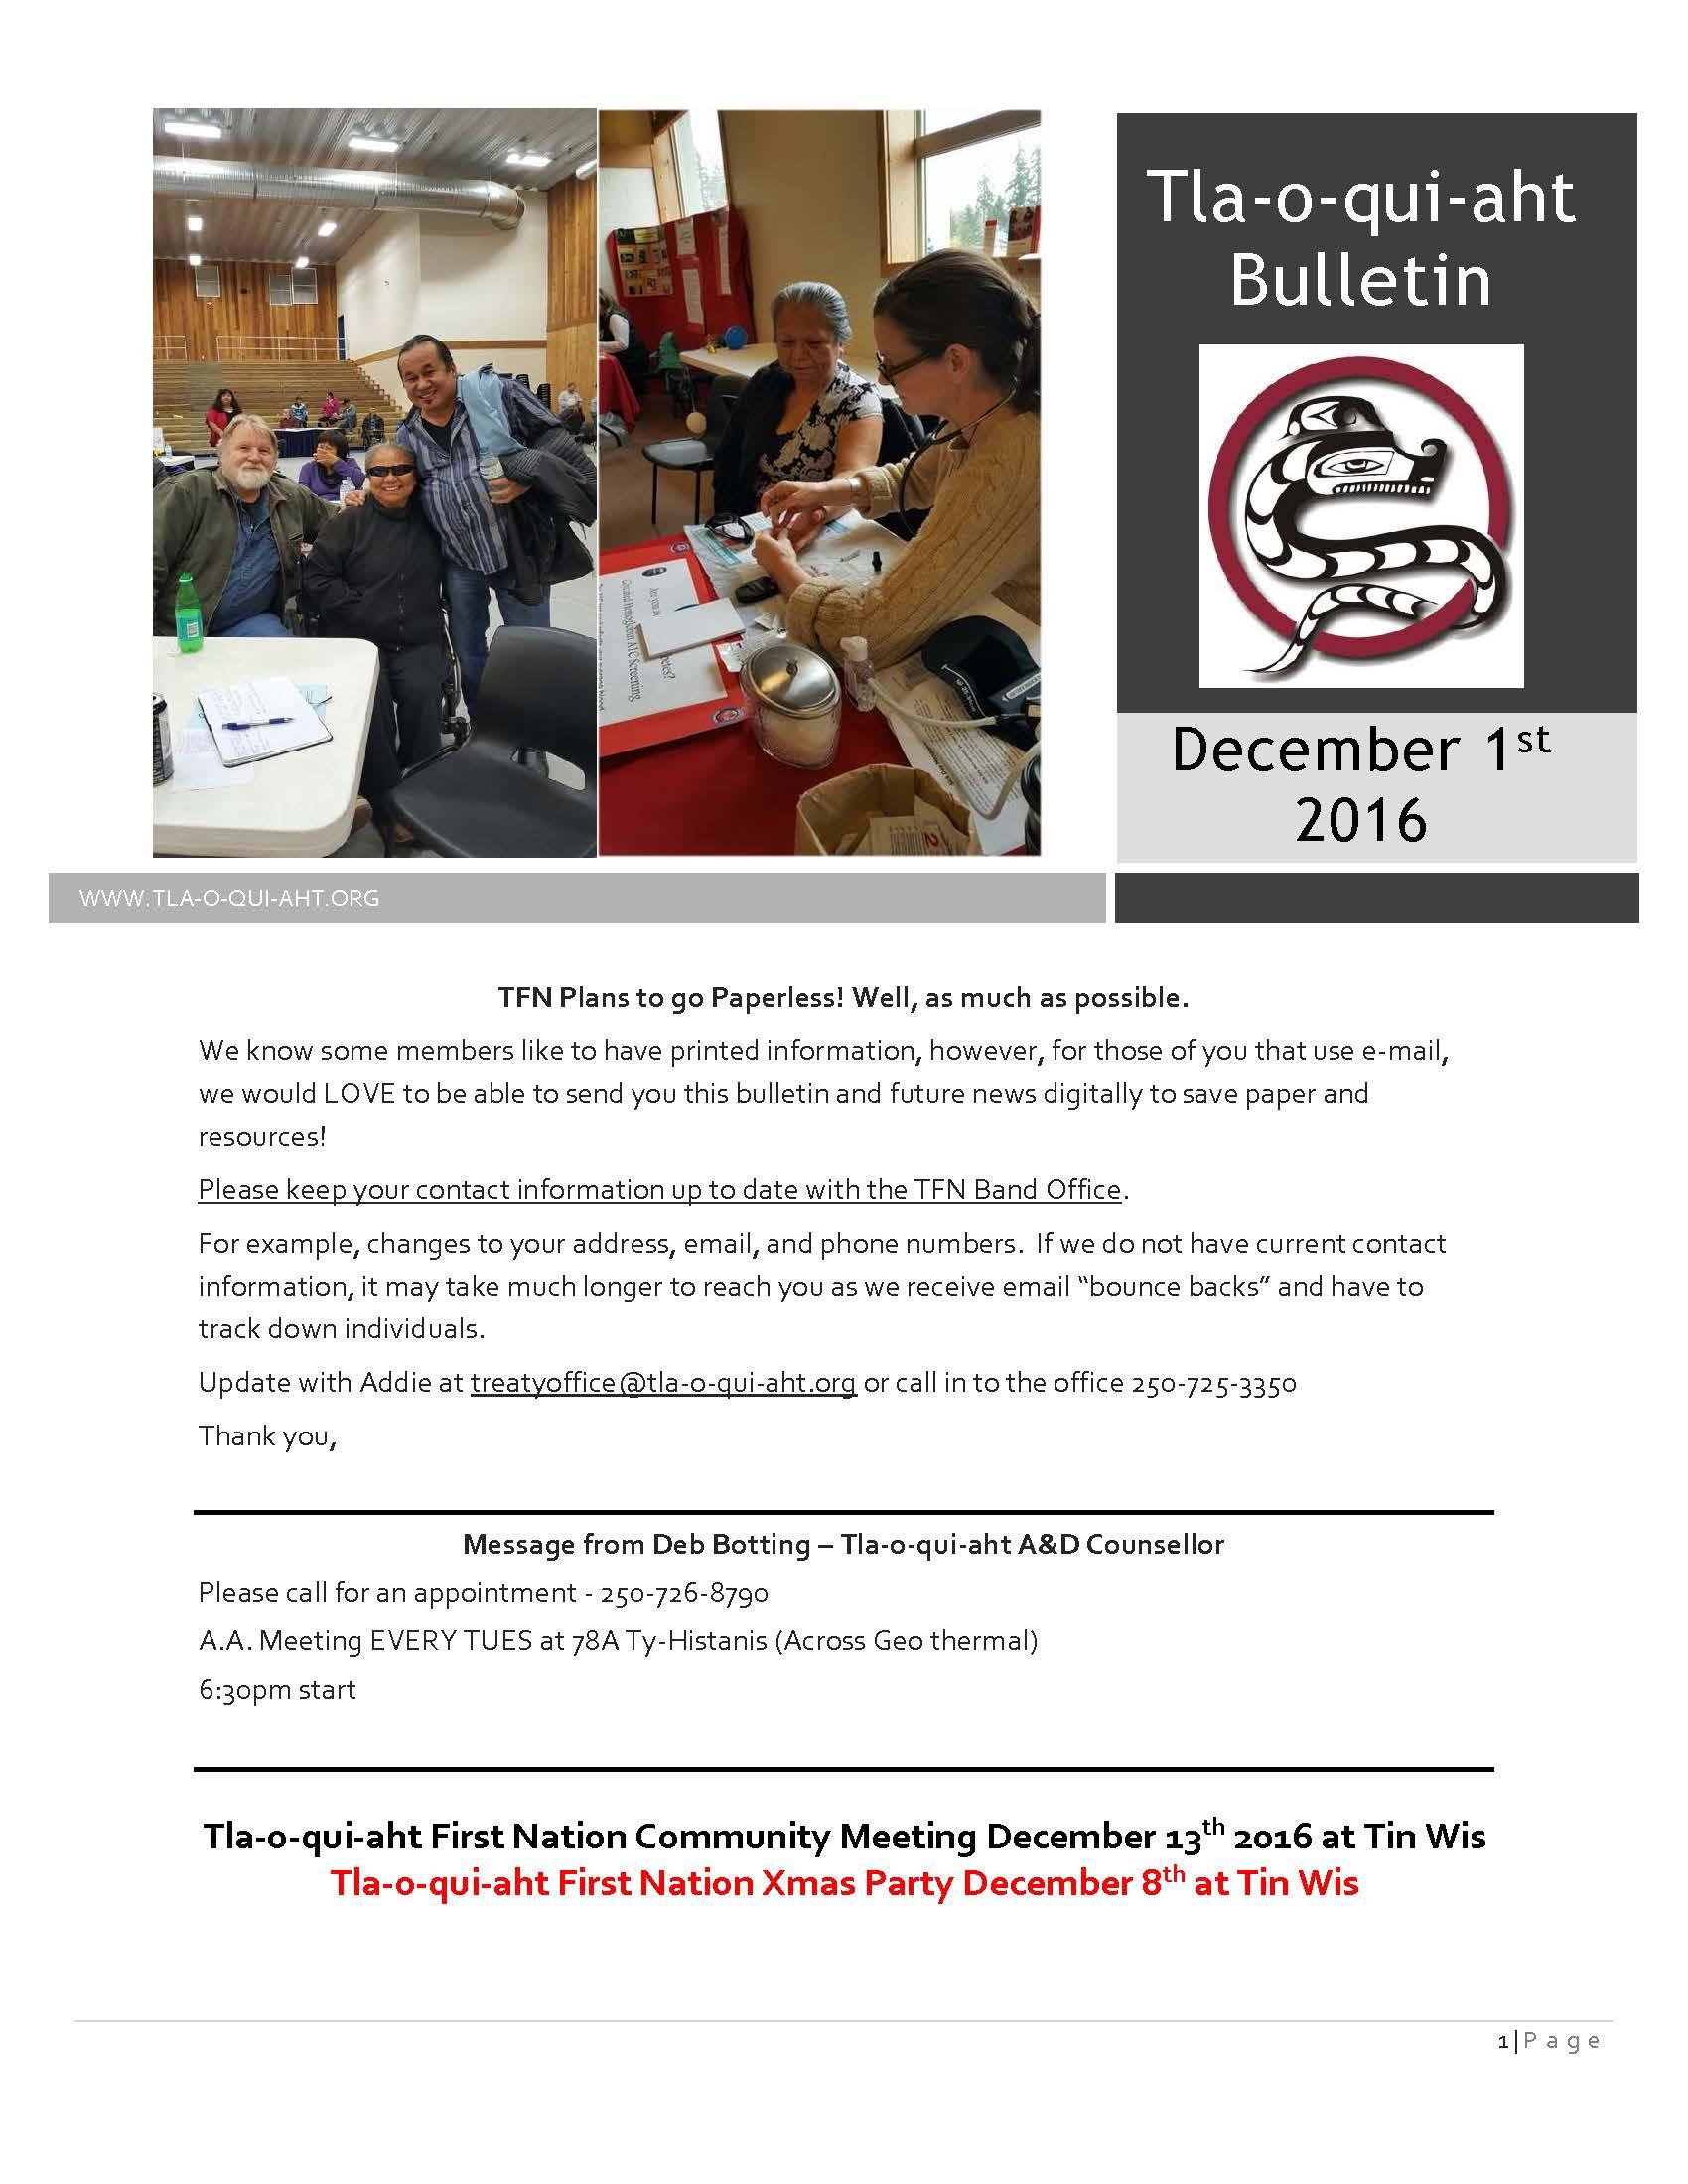 TFN Bulletin Dec 01 2016 (3)_Page_01.jpg